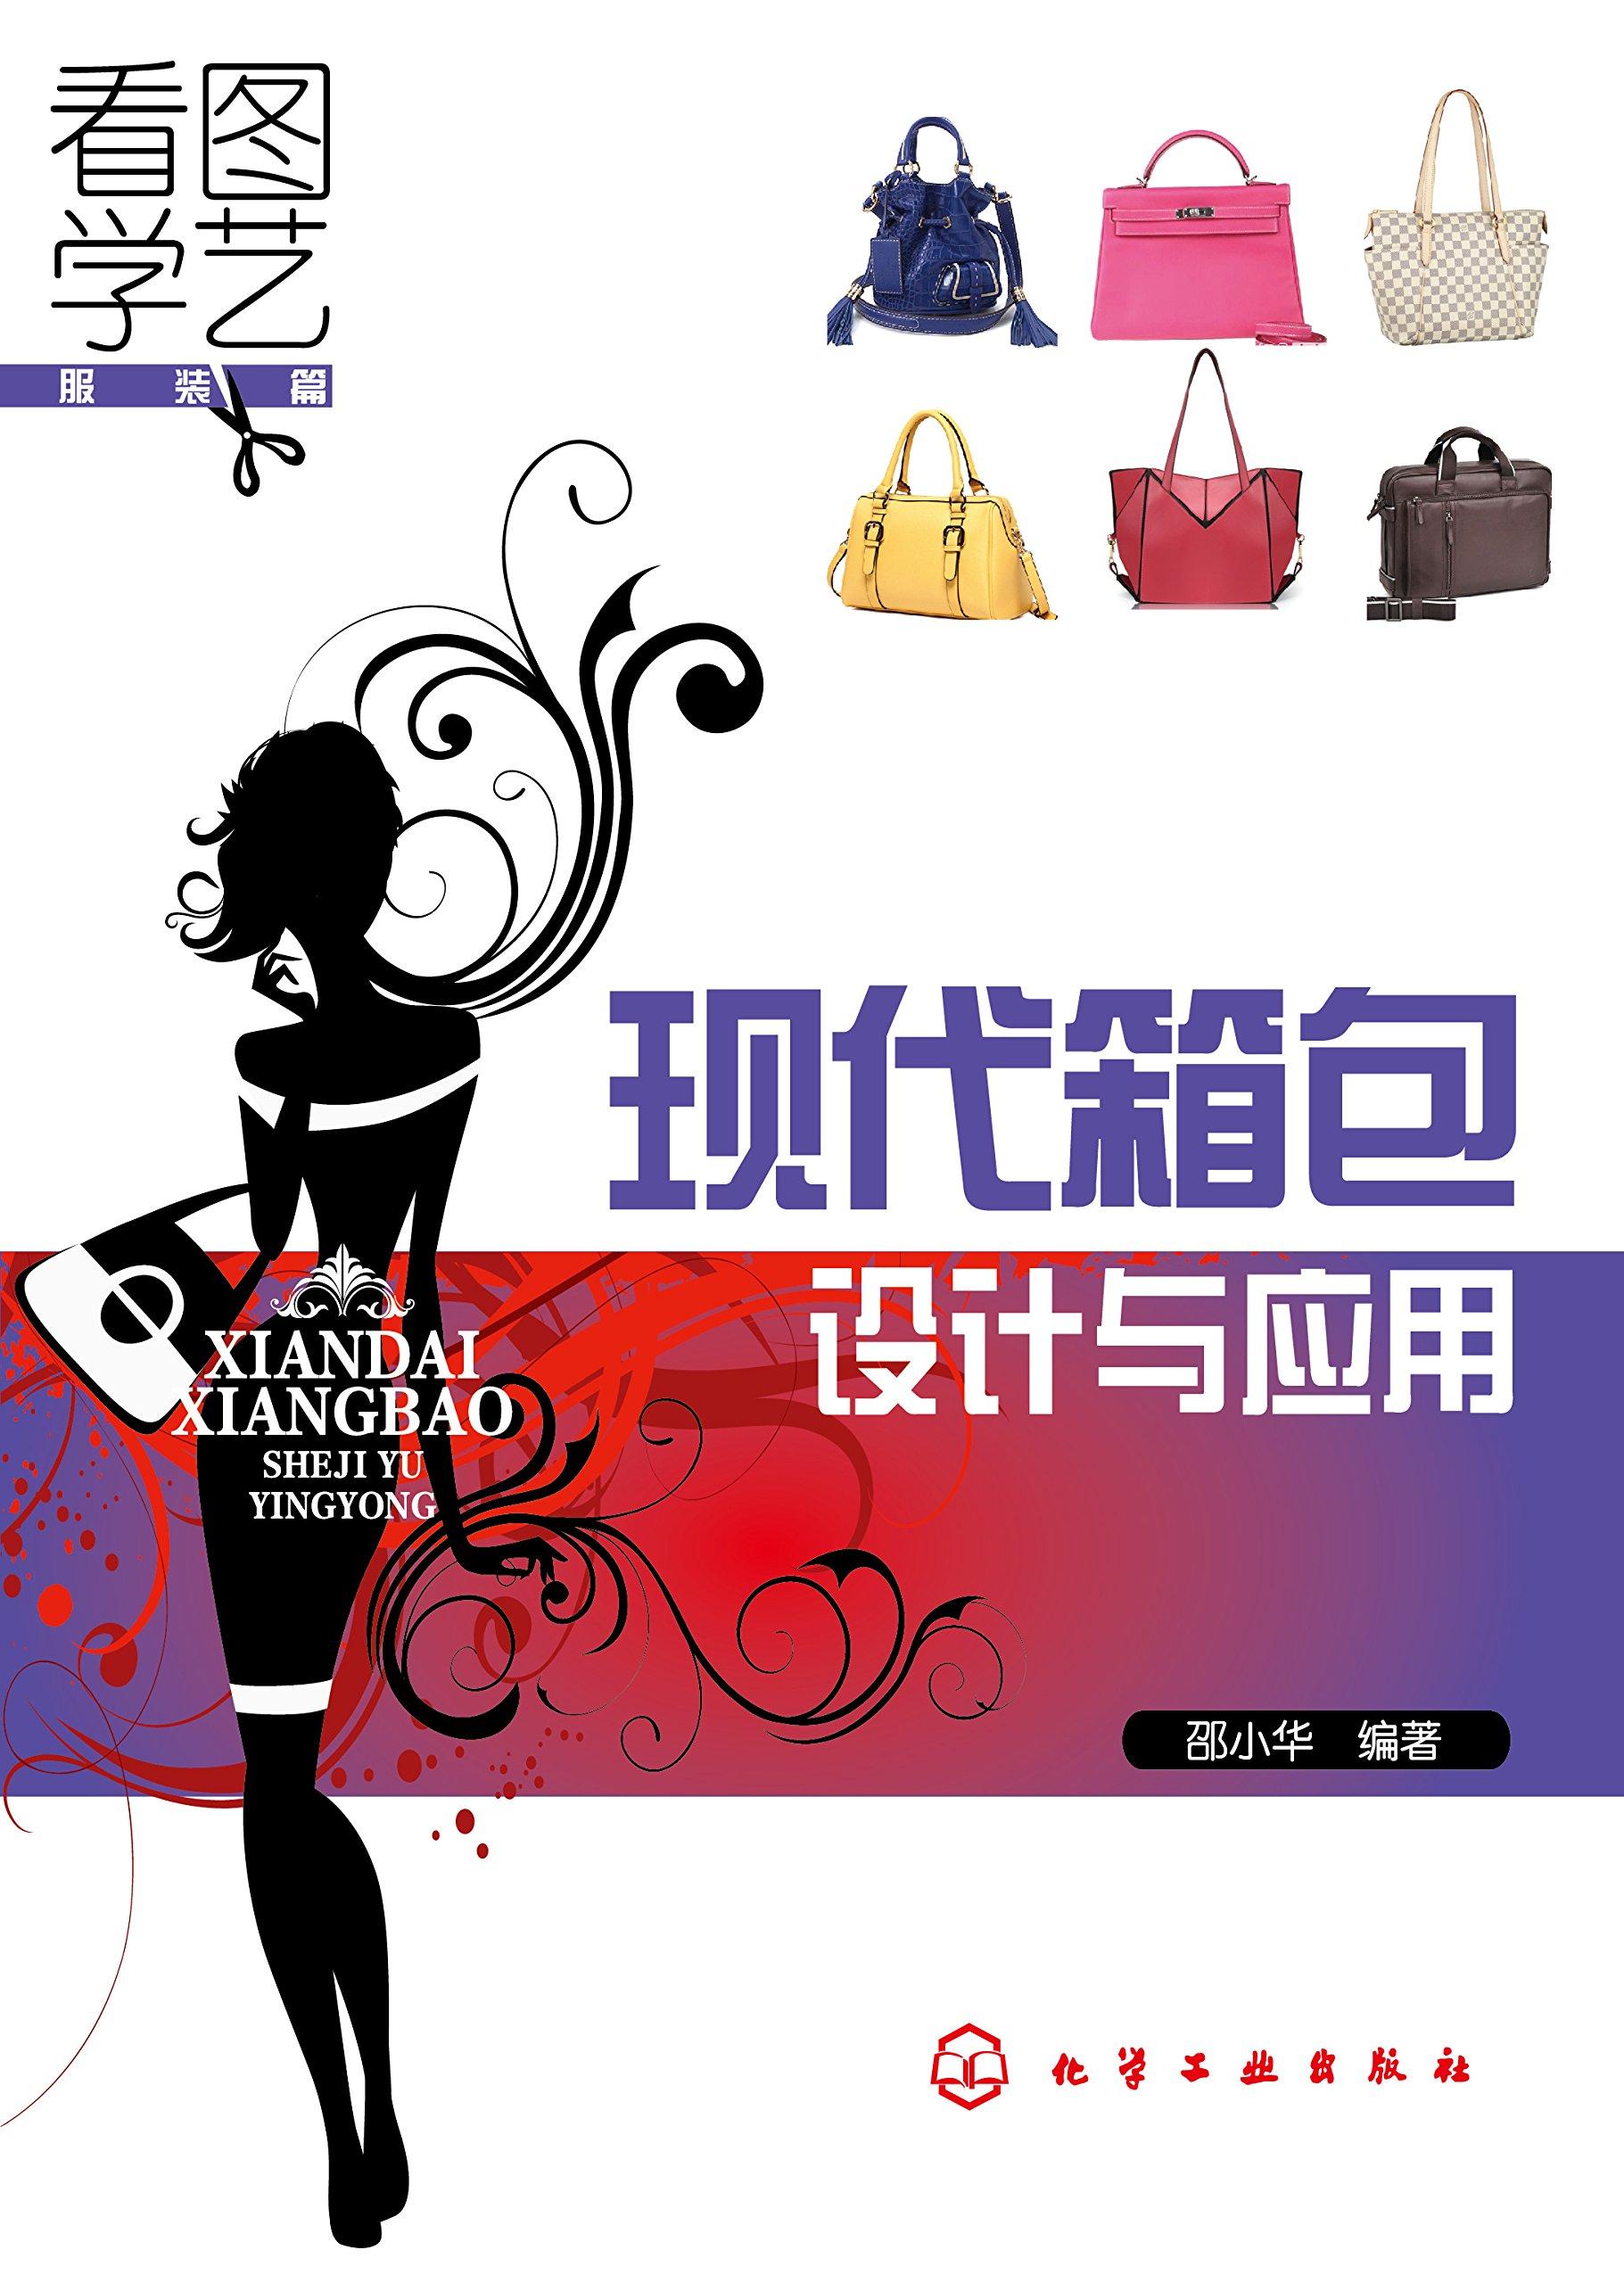 上海スタイルのファッション:2015春と夏のハイパイファッショントレンド・アクセサリー記事